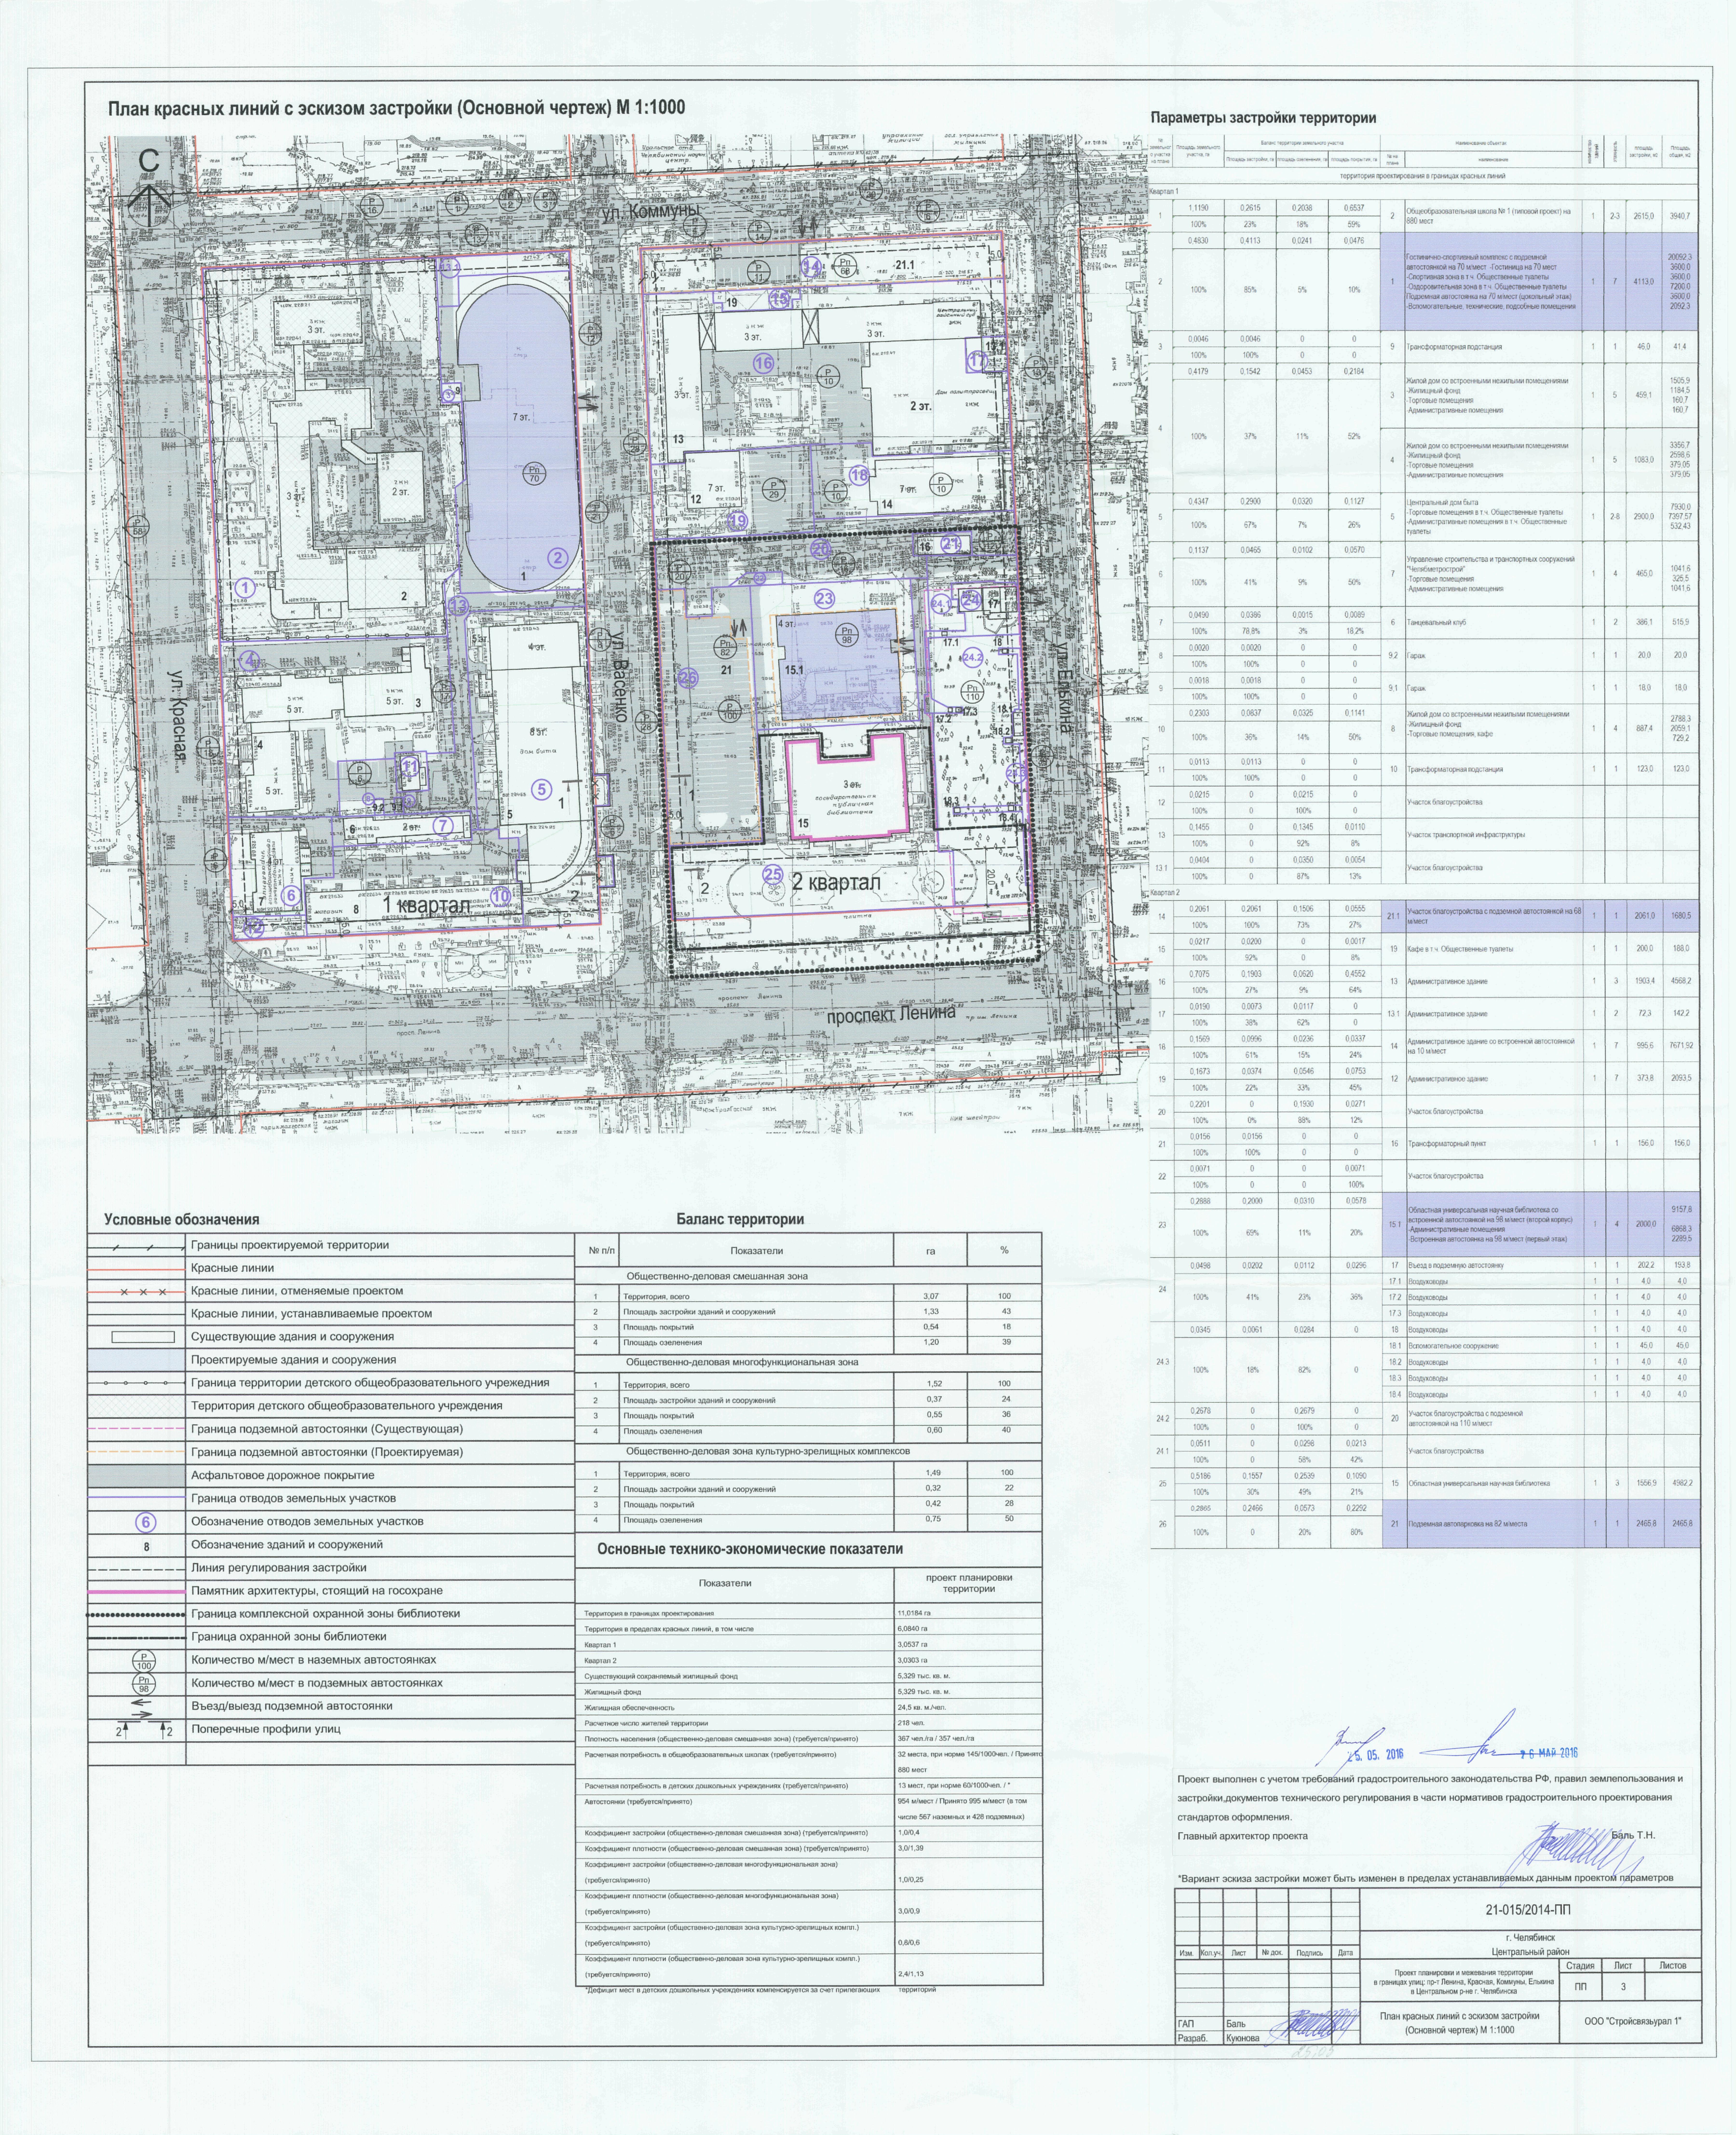 планировочная схема краснопольской площадки 1